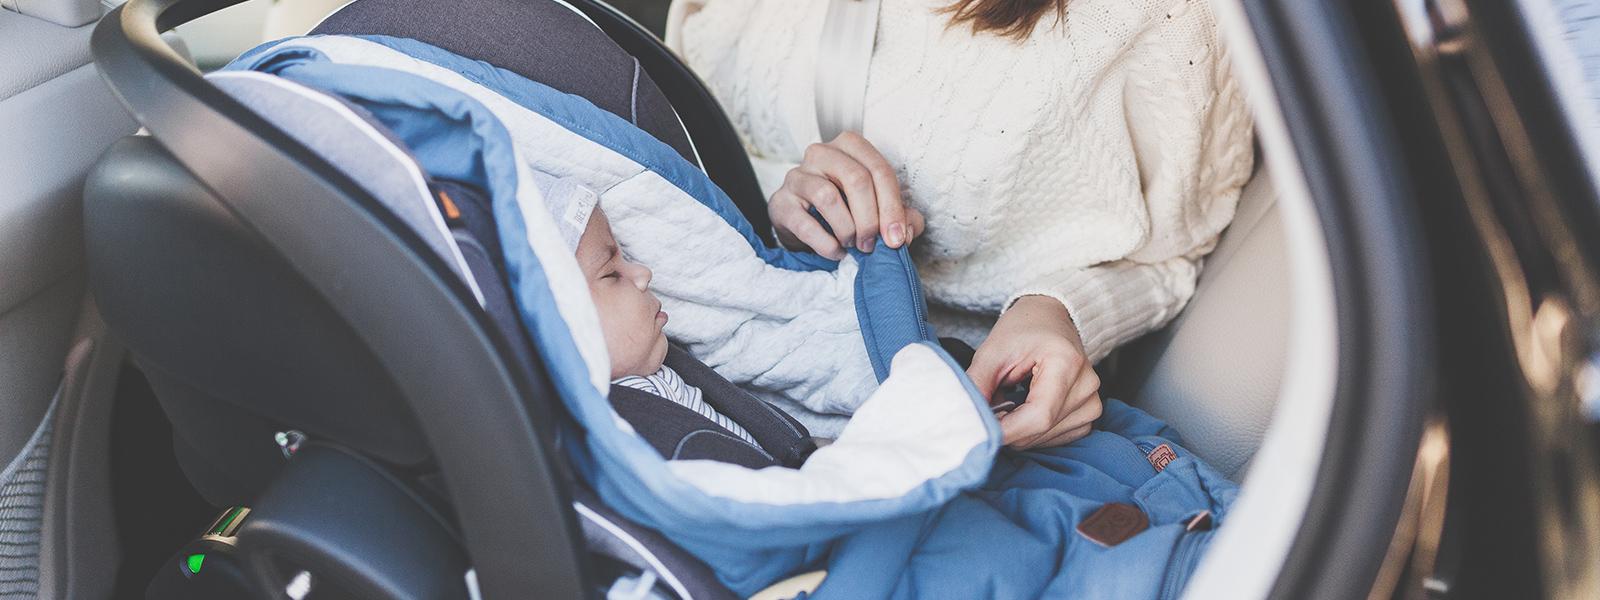 Sådan forbereder I en god og sikker hjemtur fra hospitalet med jeres lille ny